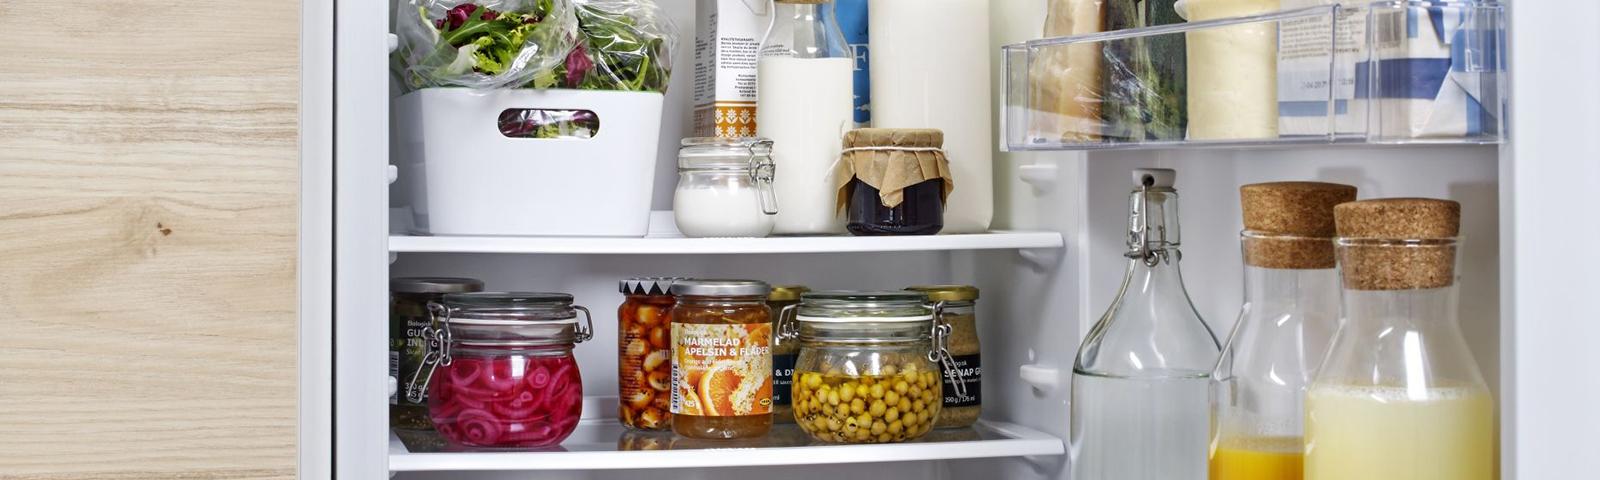 хранения в холодильнике фото